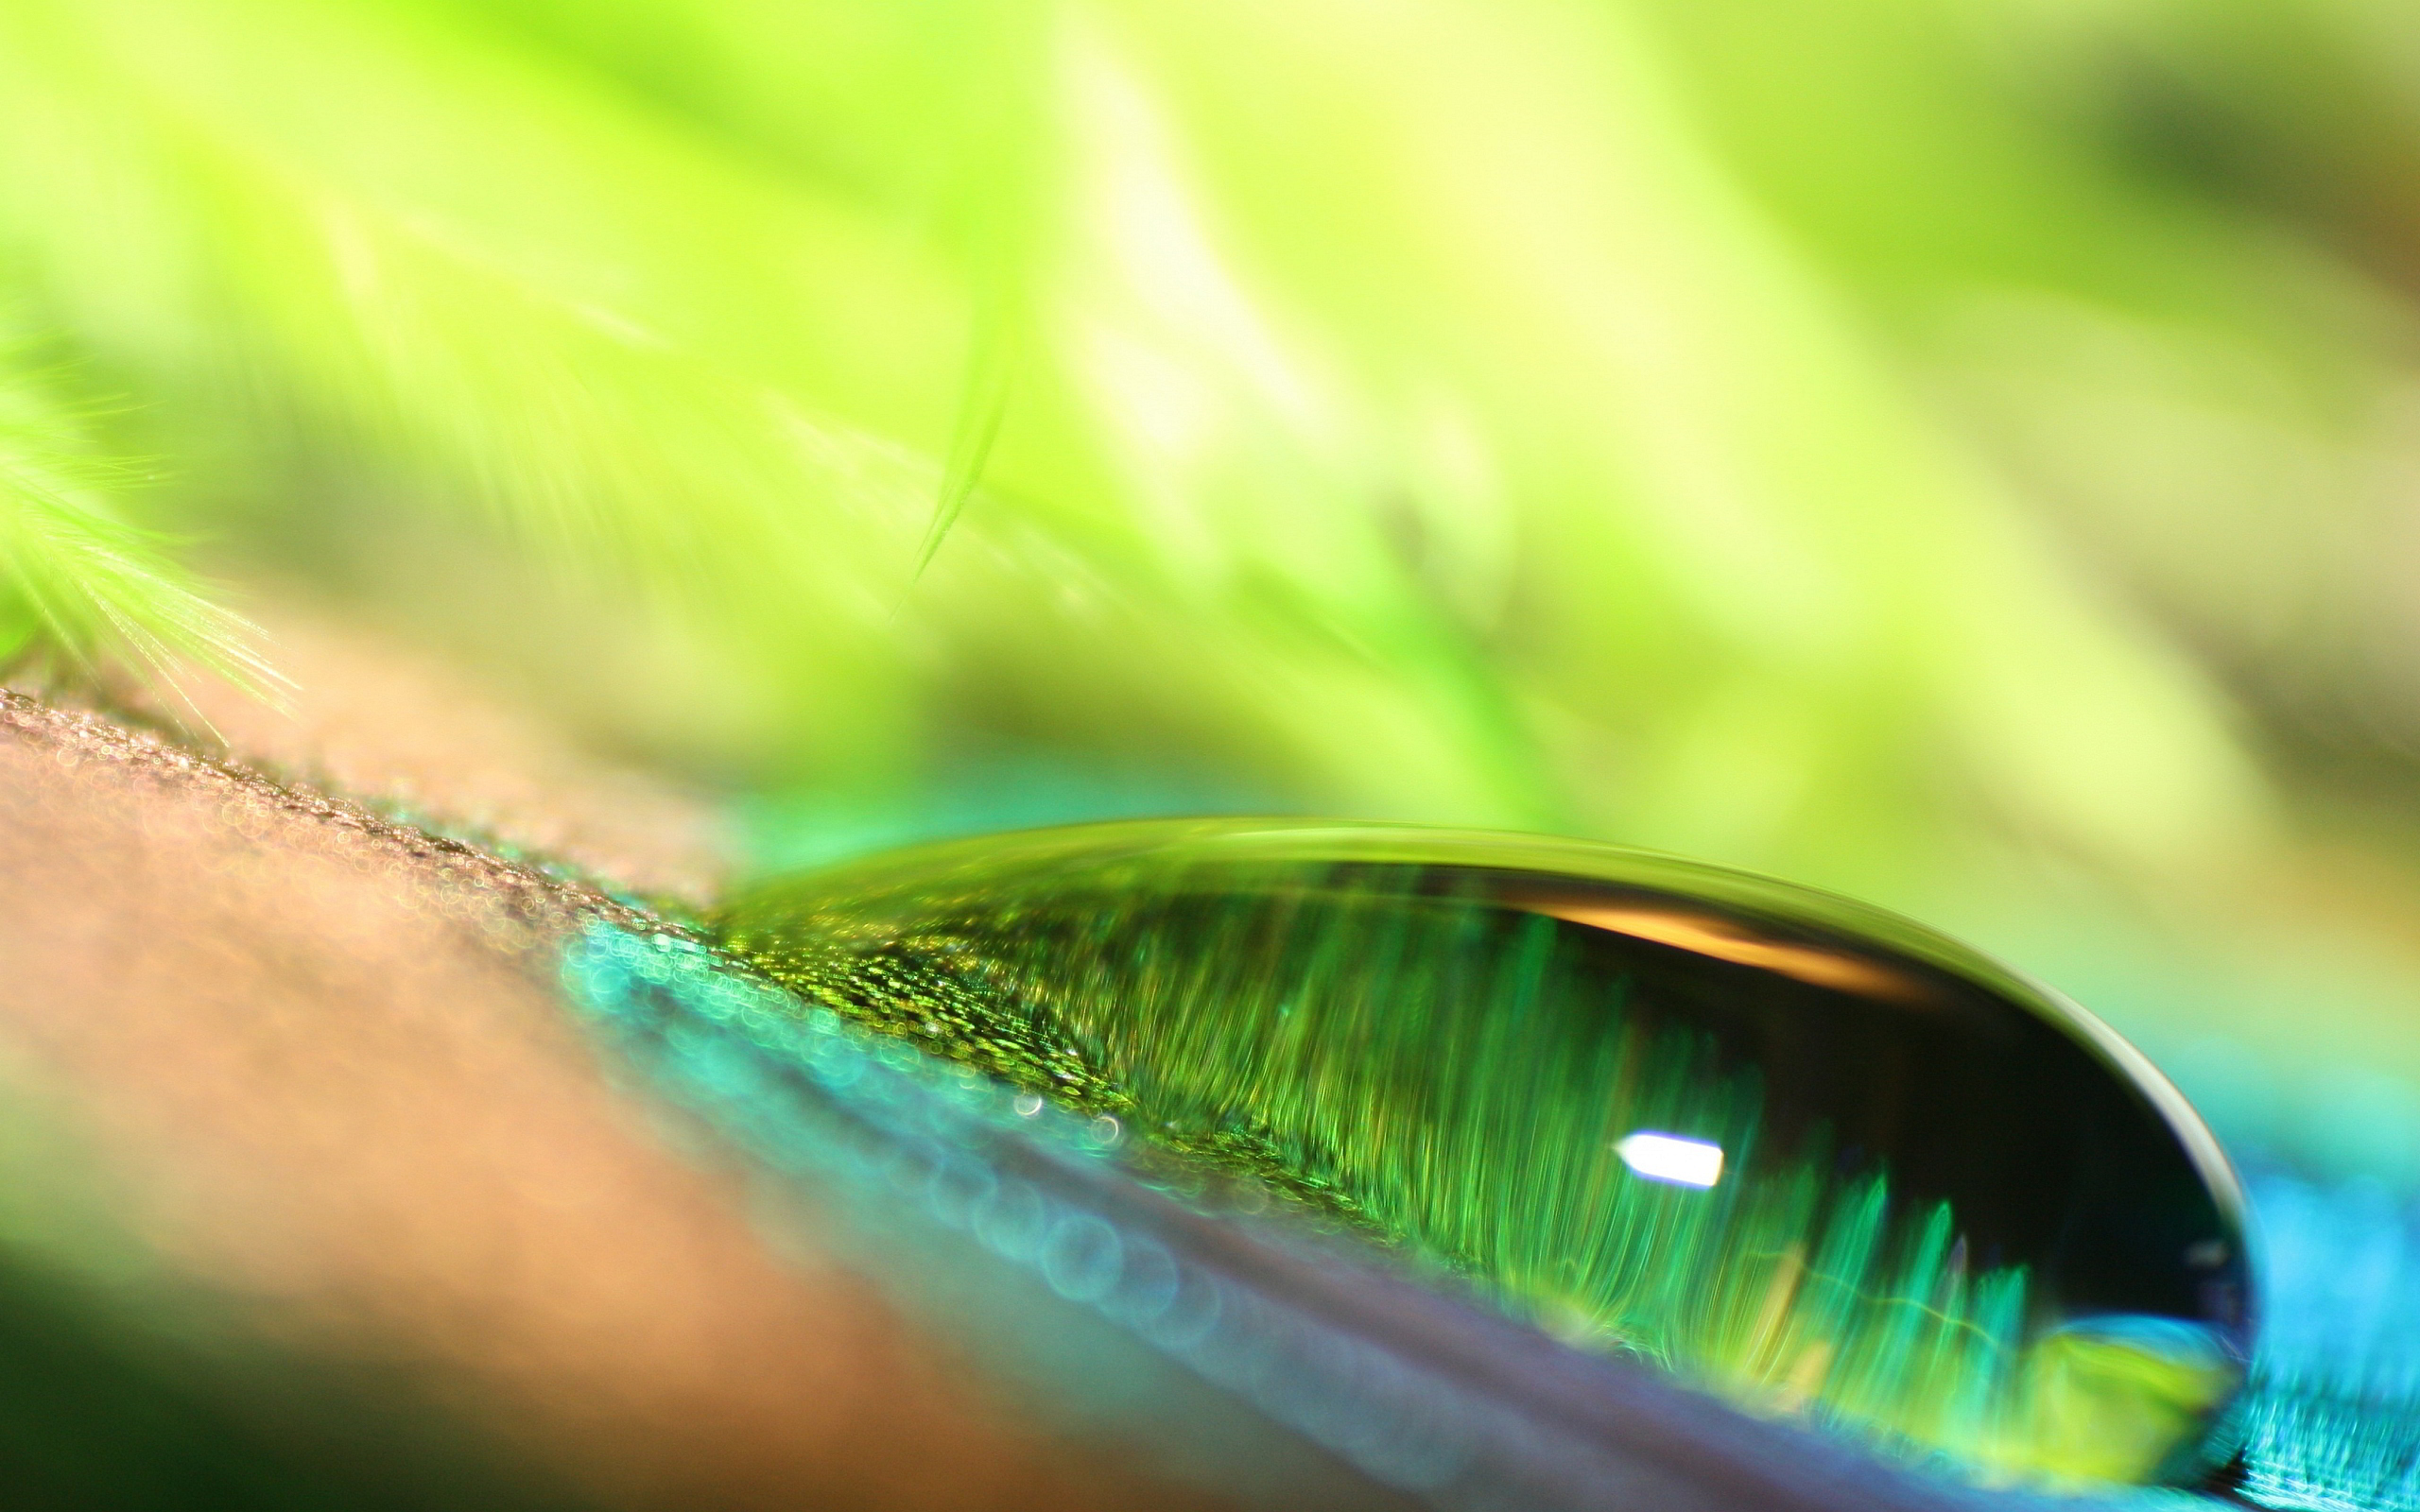 green water dew drop